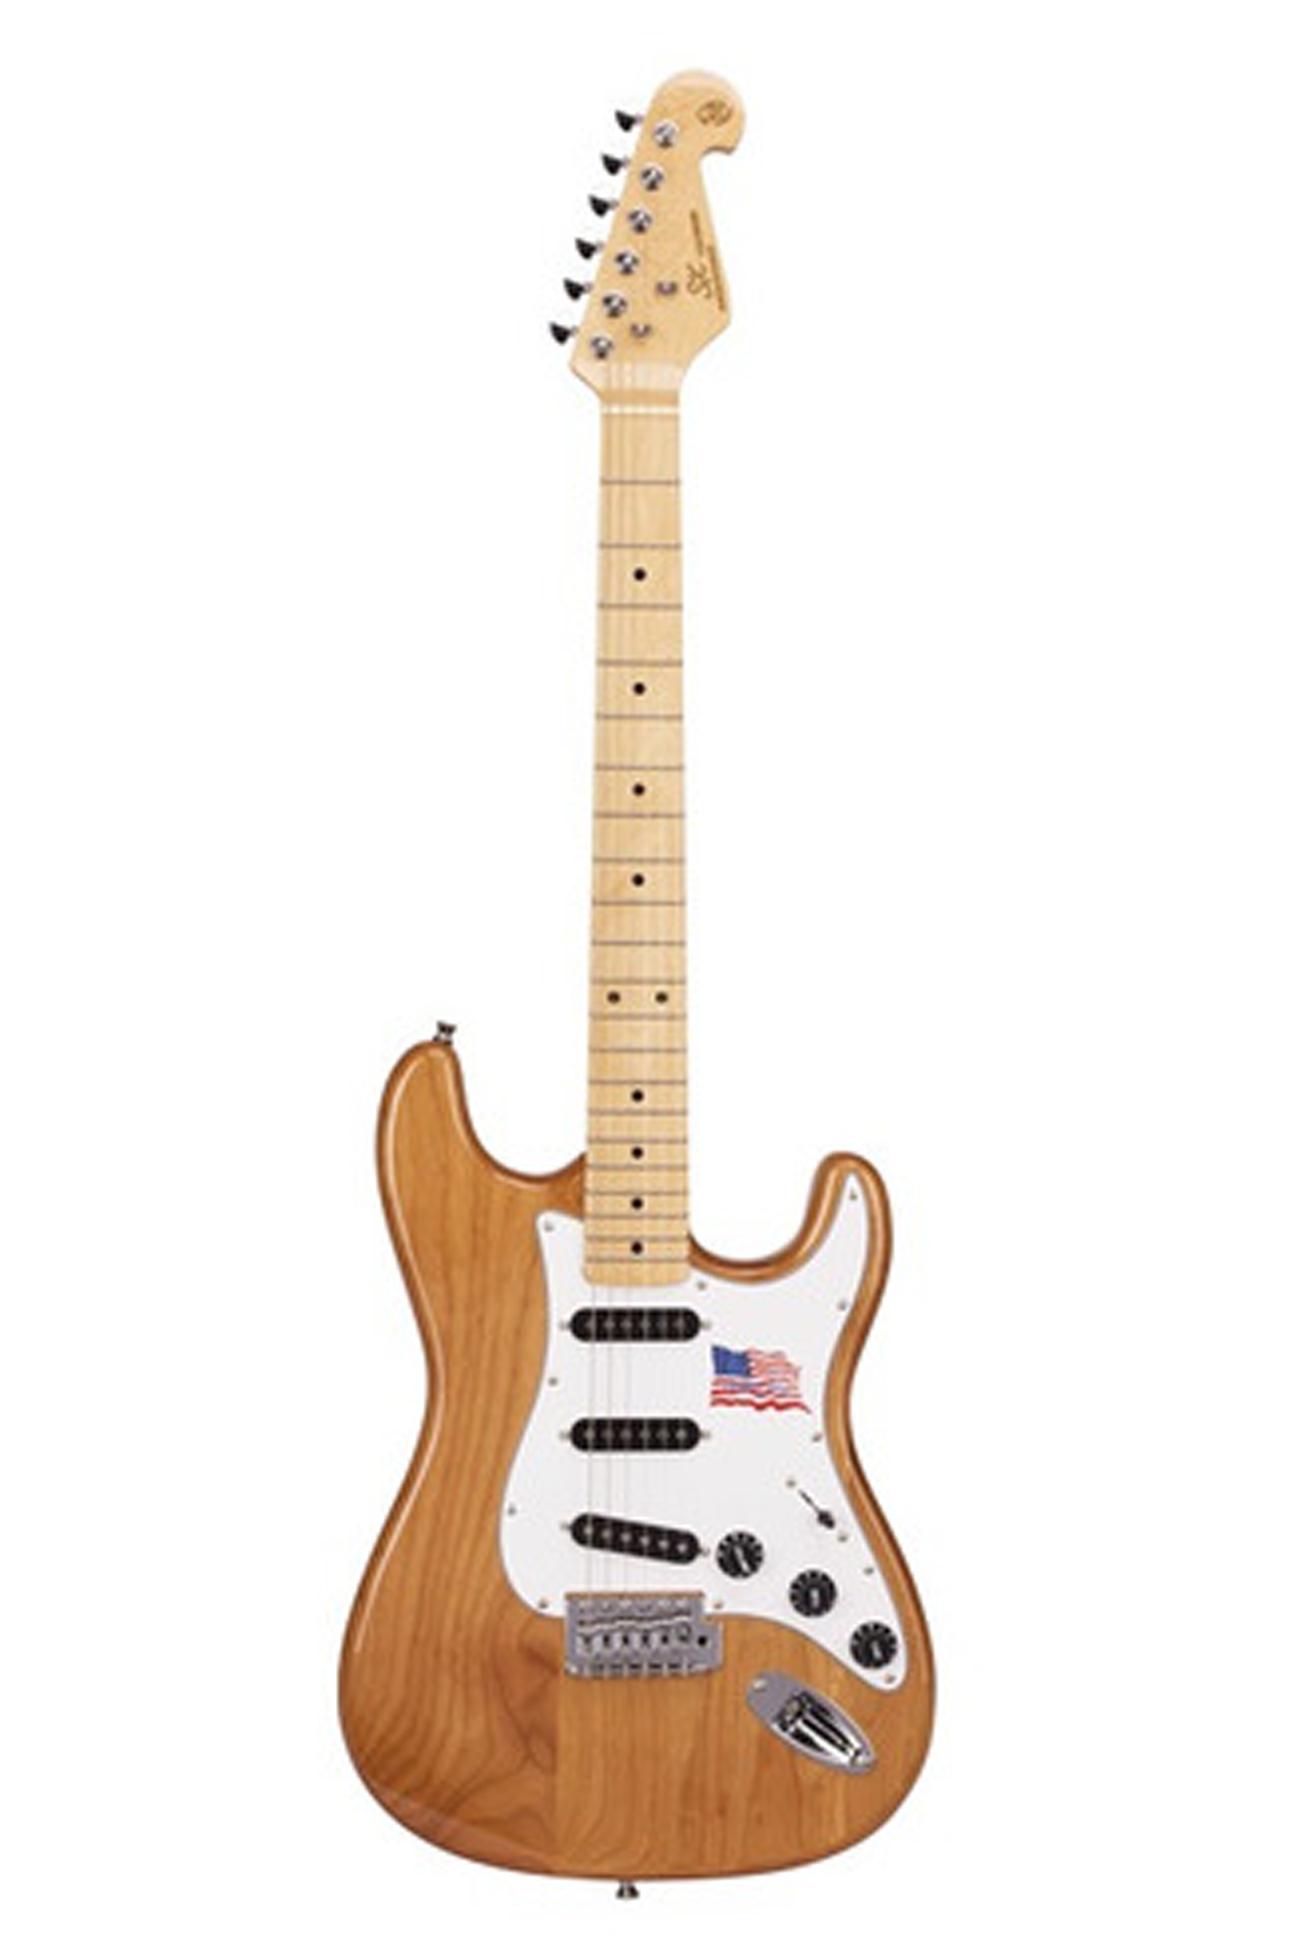 Guitarra SX SST ALDER em American Alder